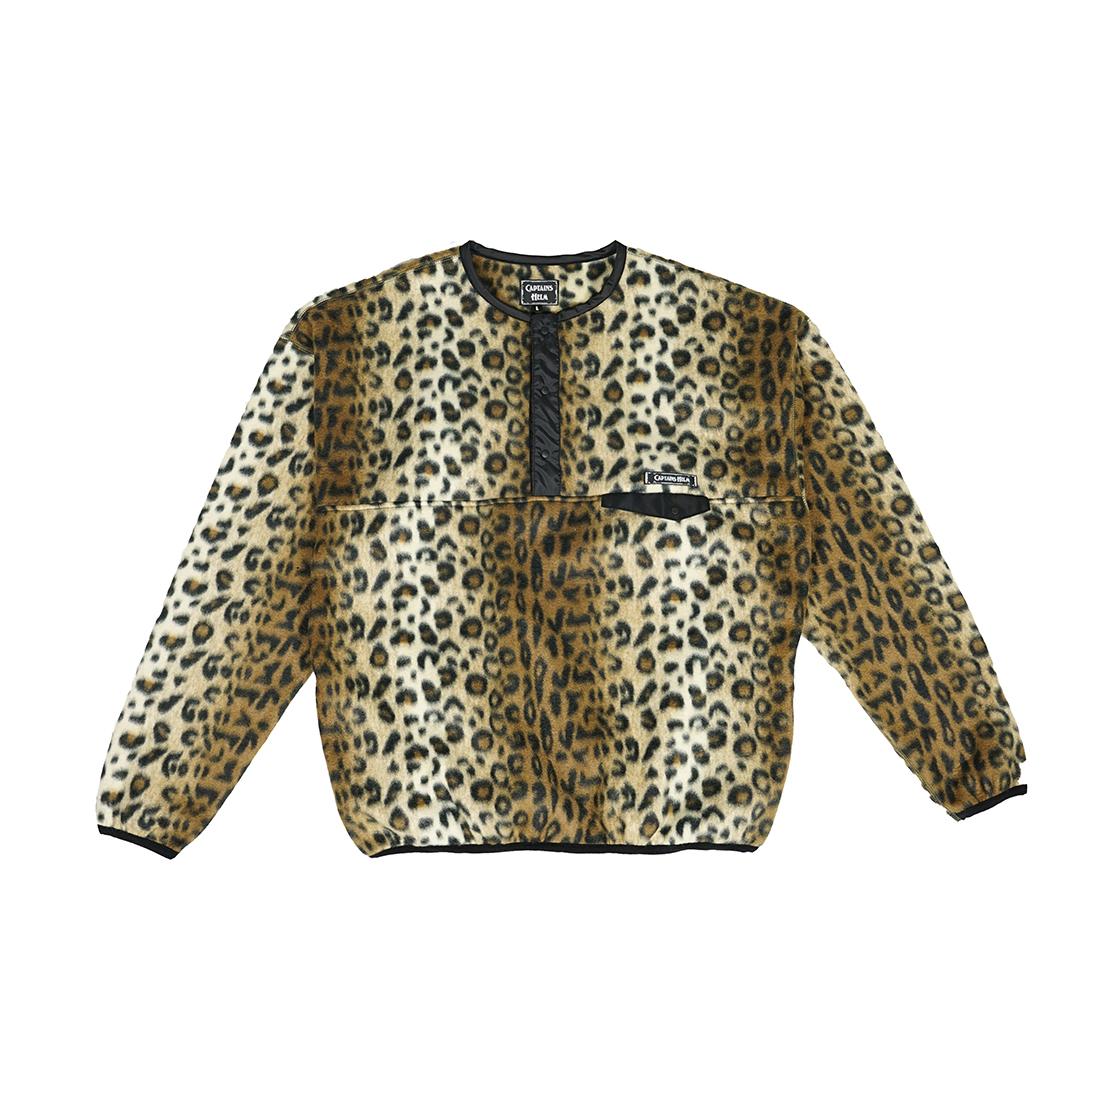 CAPTAINS HELM #Leopard Fleece Snap Tee